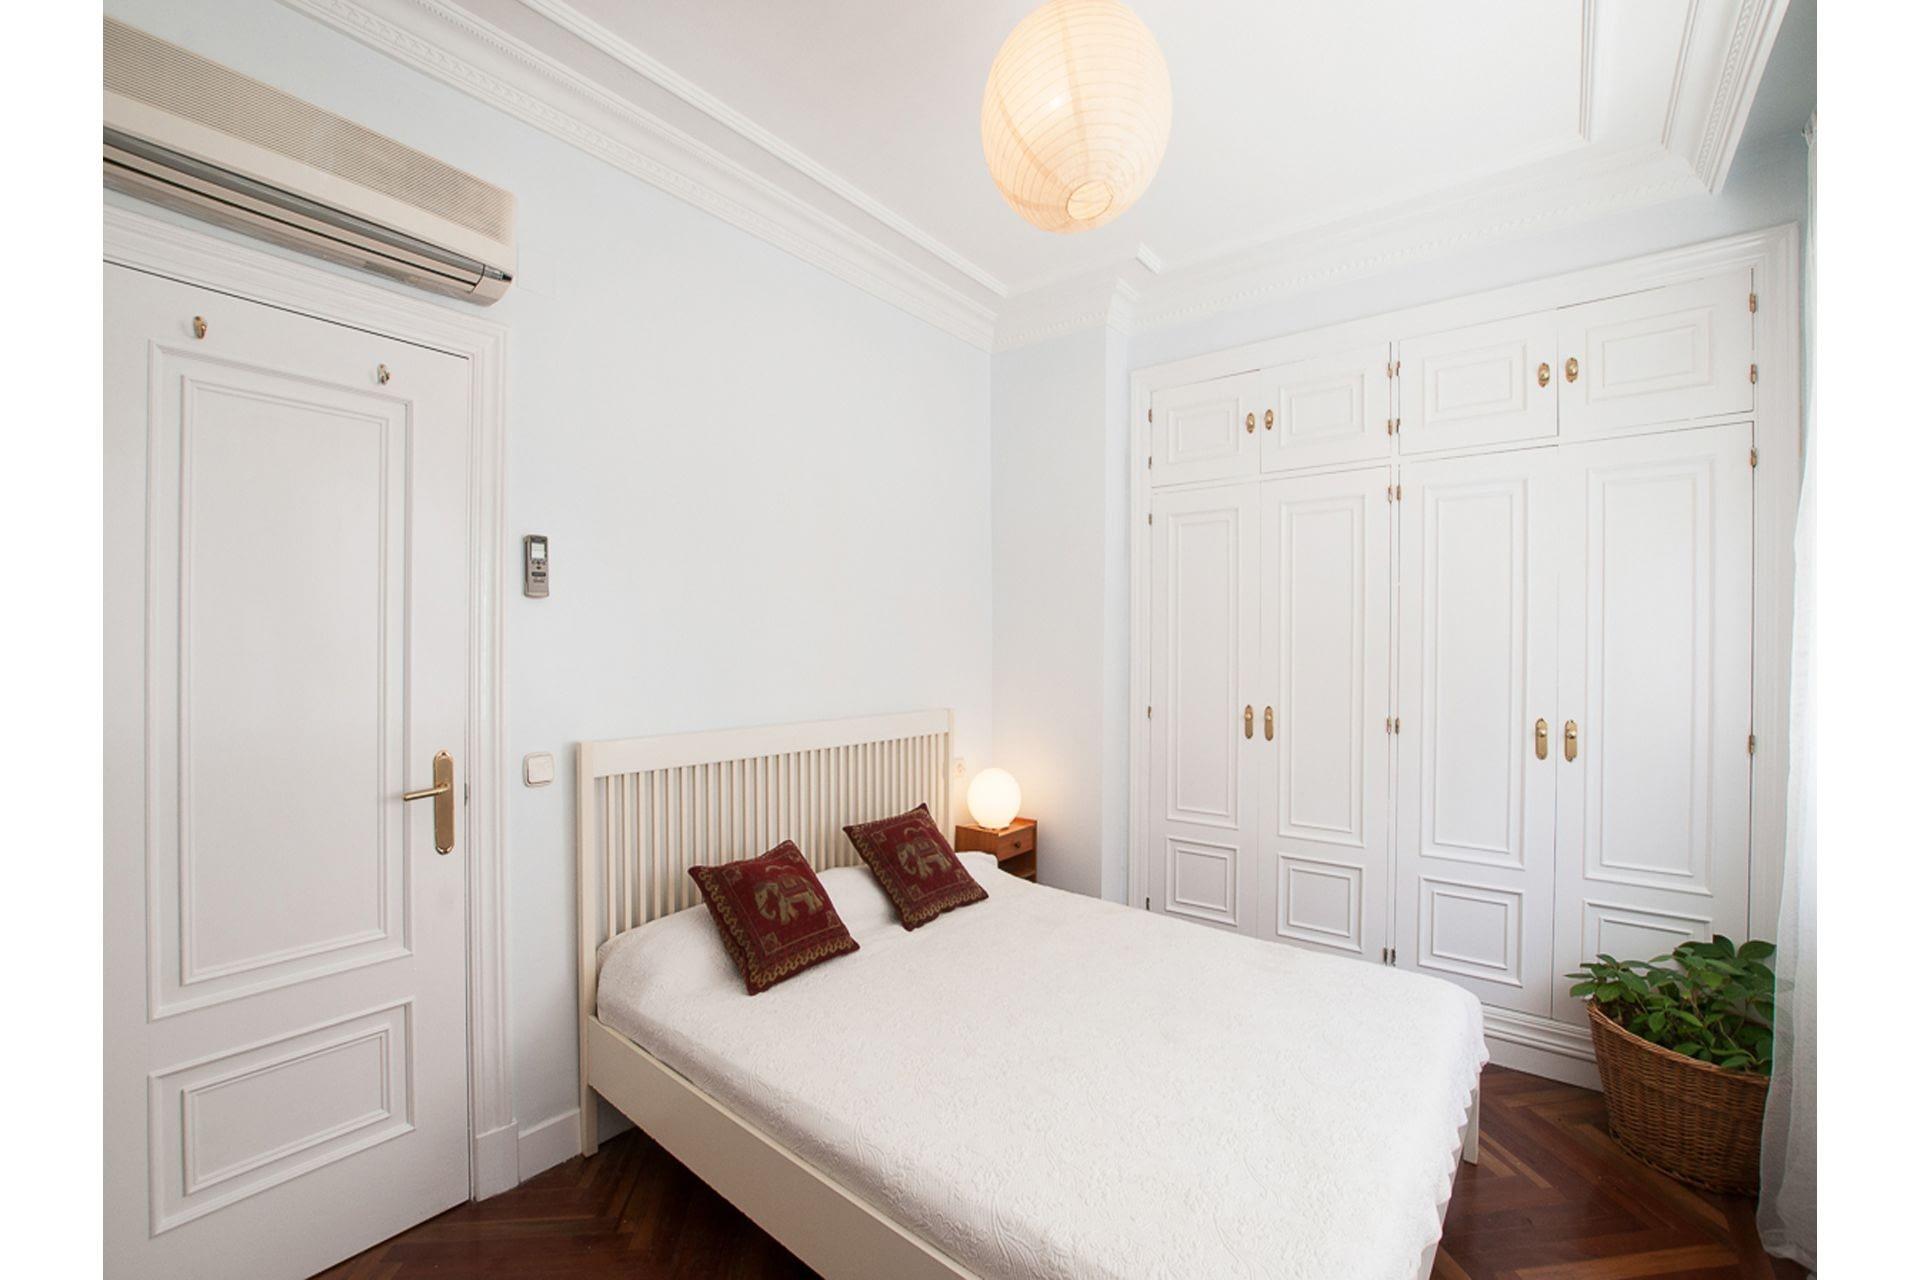 segunda-mano-alquiler-piso-con-terraza-chueca-.jpg